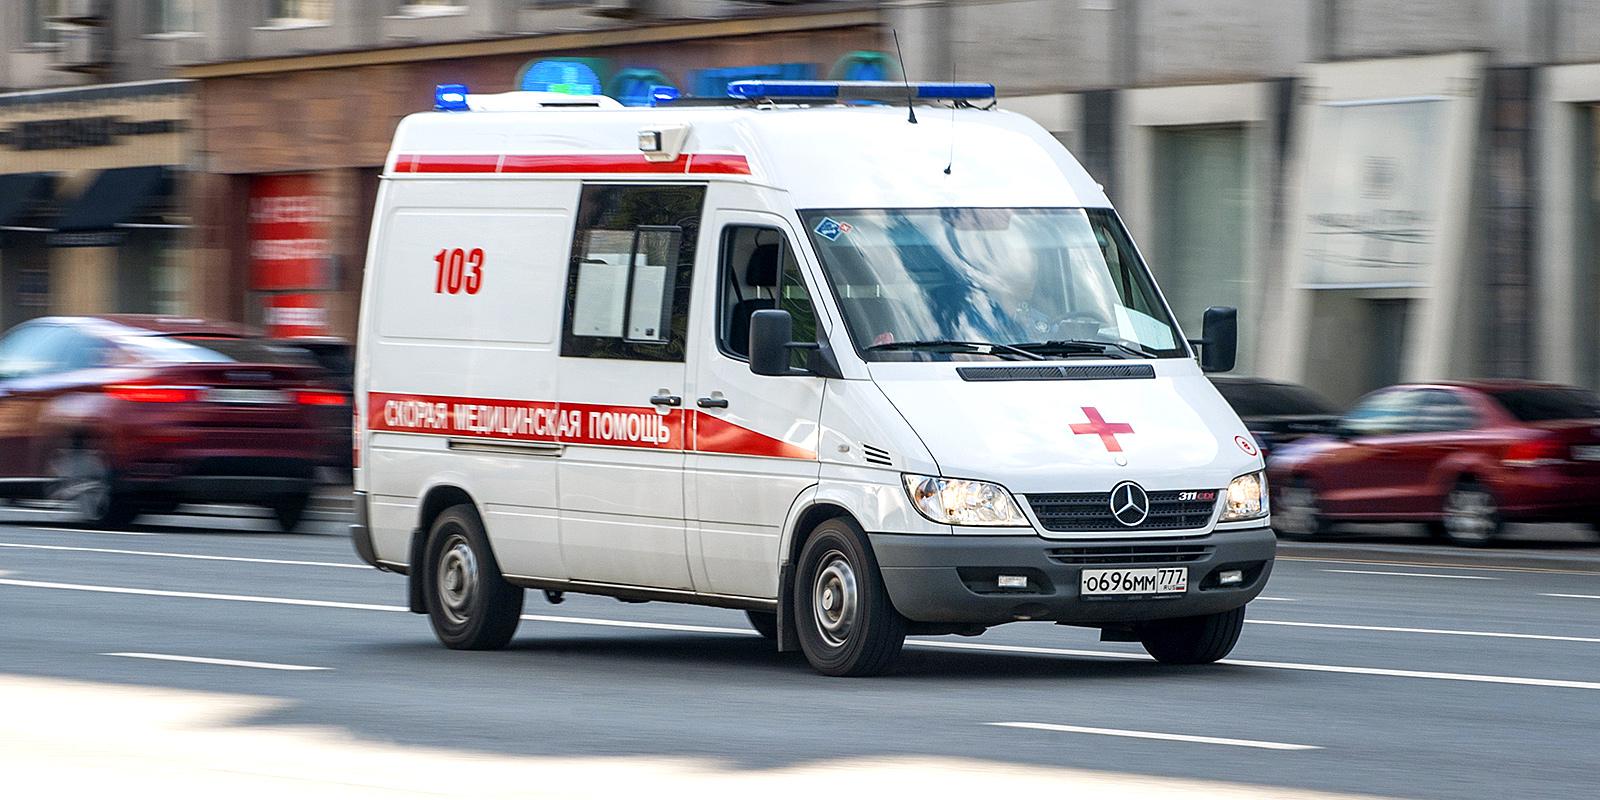 ГИБДД привлечет к ответственности водителя, не пропустившего скорую помощь